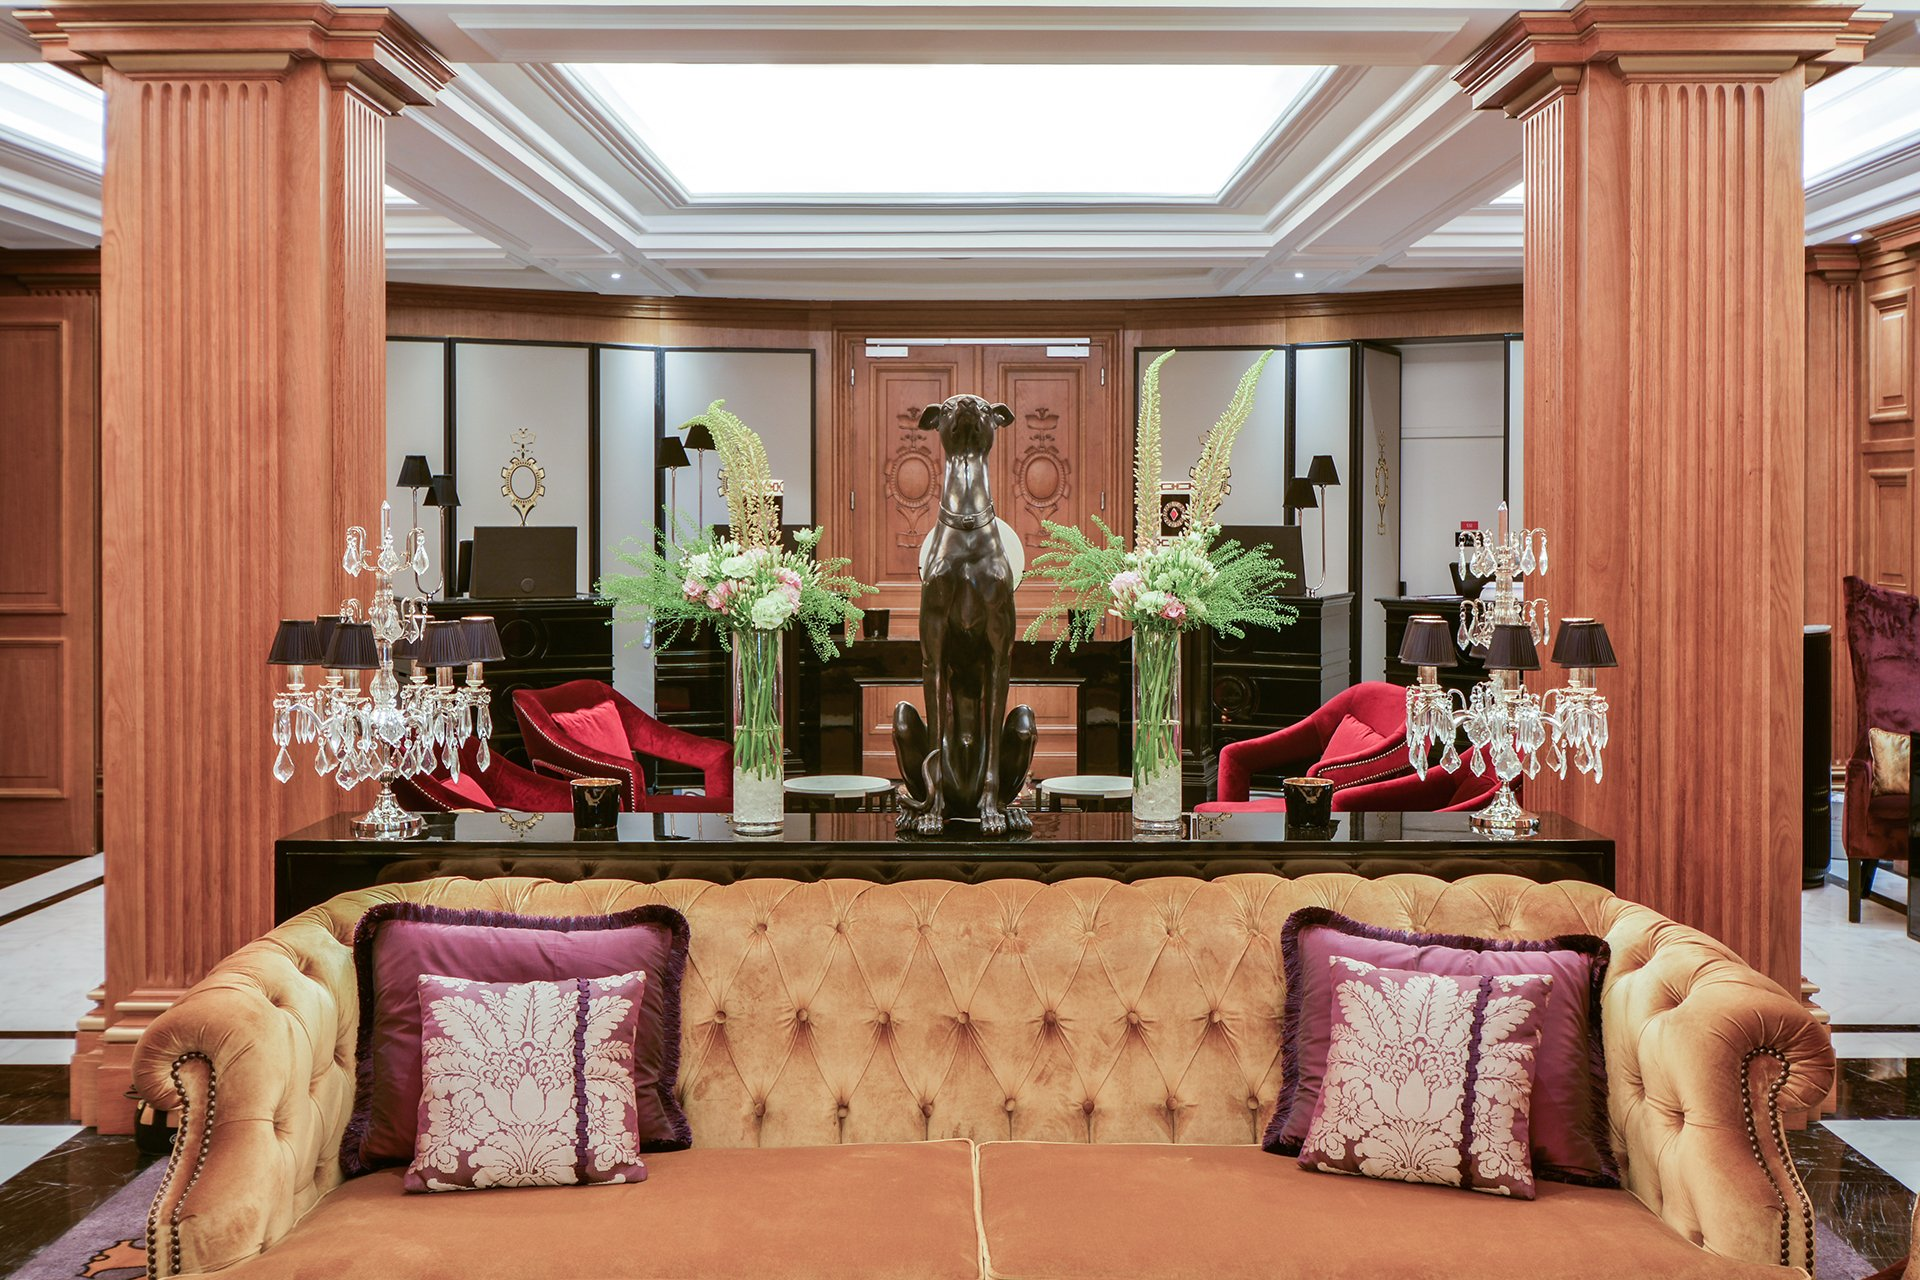 Maison Astor Paris, Curio Collection by Hilton****